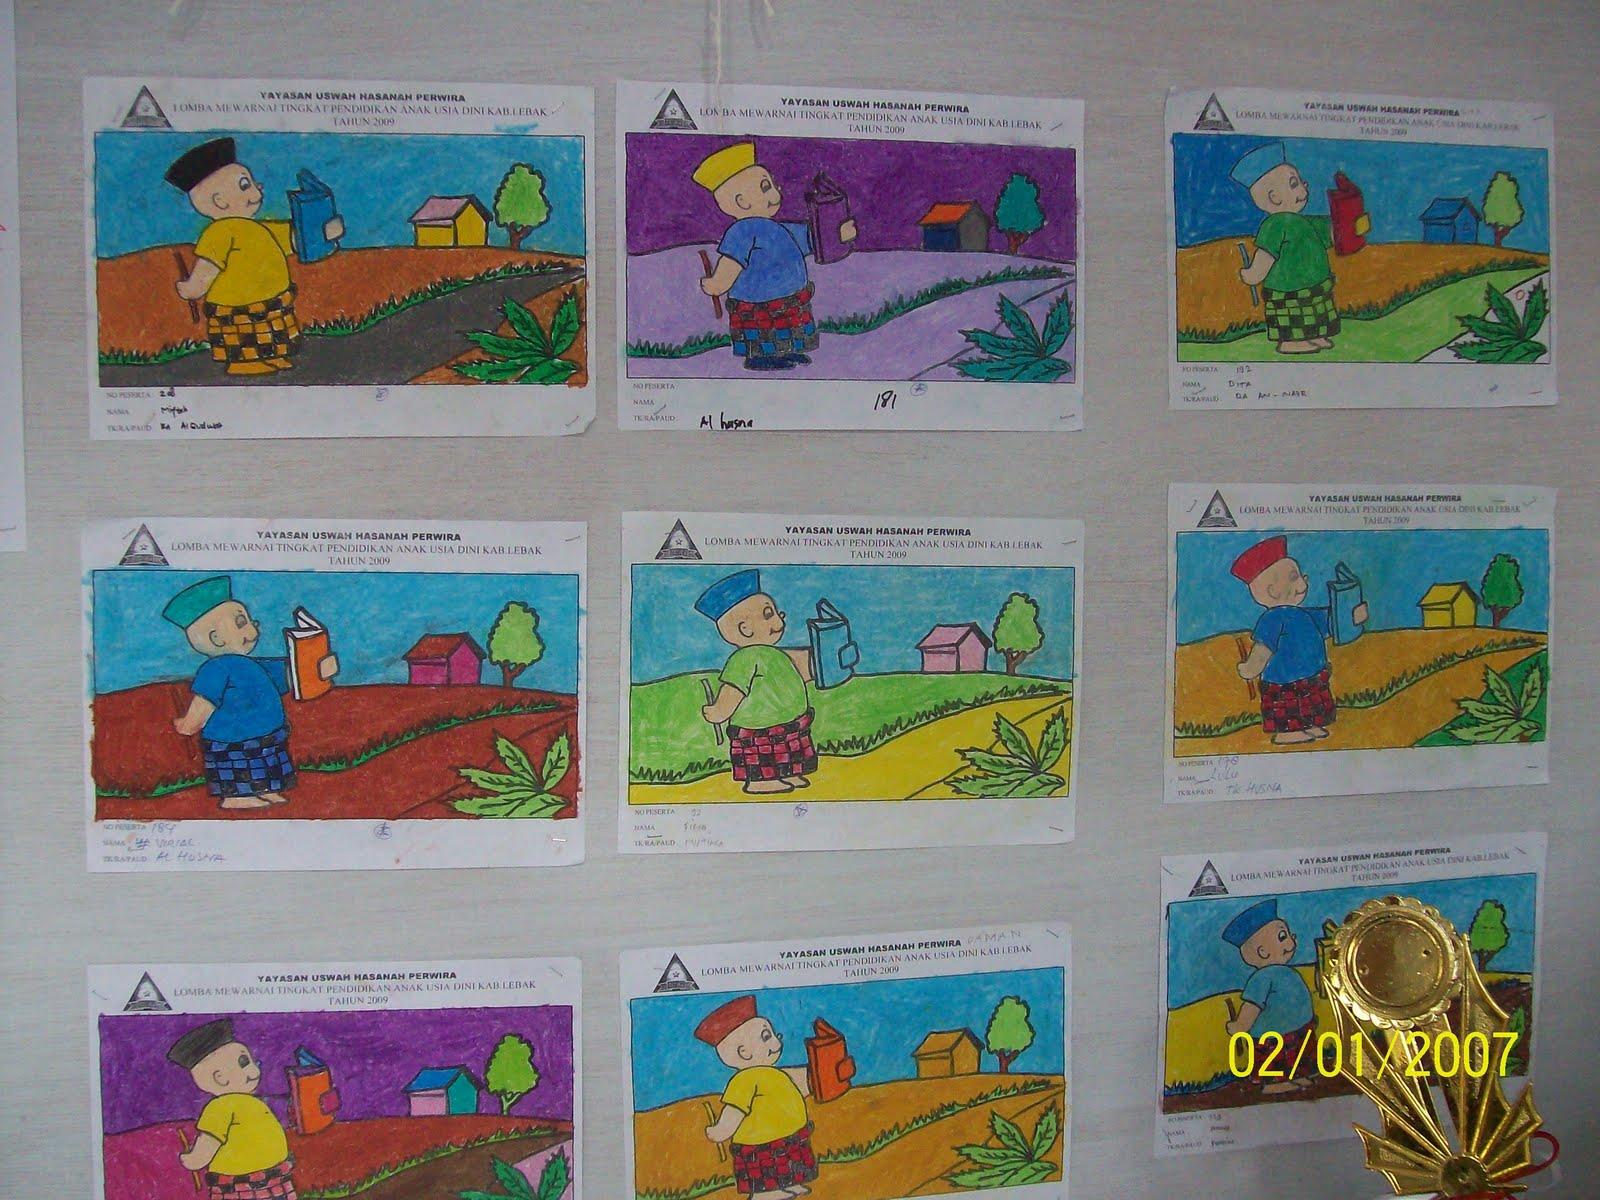 Gambar disamping merupakan hasil dari lomba mewarnai anak anak usia dini hasil lomba tsb benar benar sesuai dengan spesipikasi dari katagori penilaian